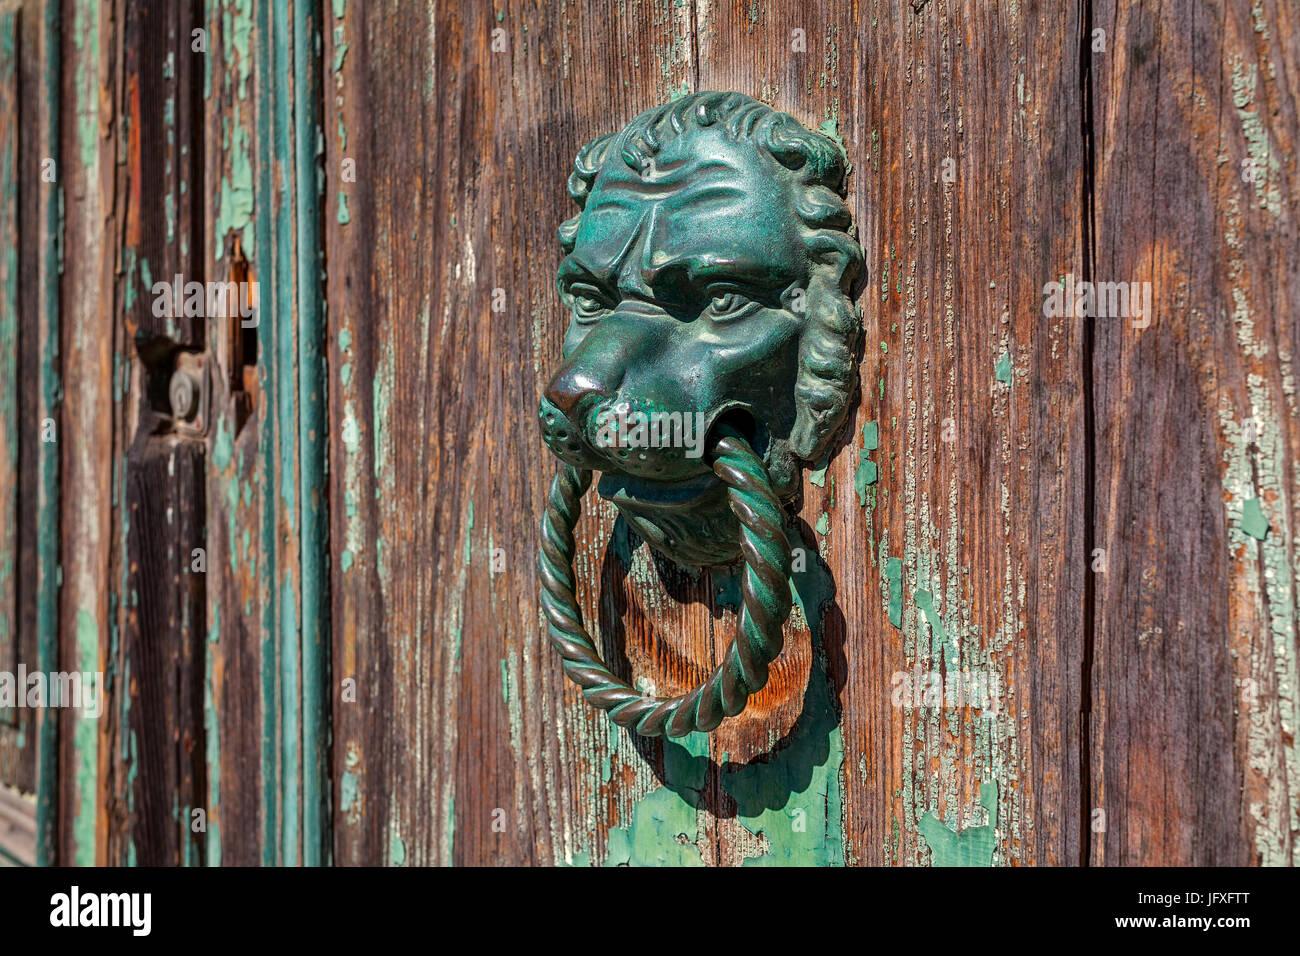 Bronze metal doorknob in the shape of lion head on old wooden door. - Stock Image